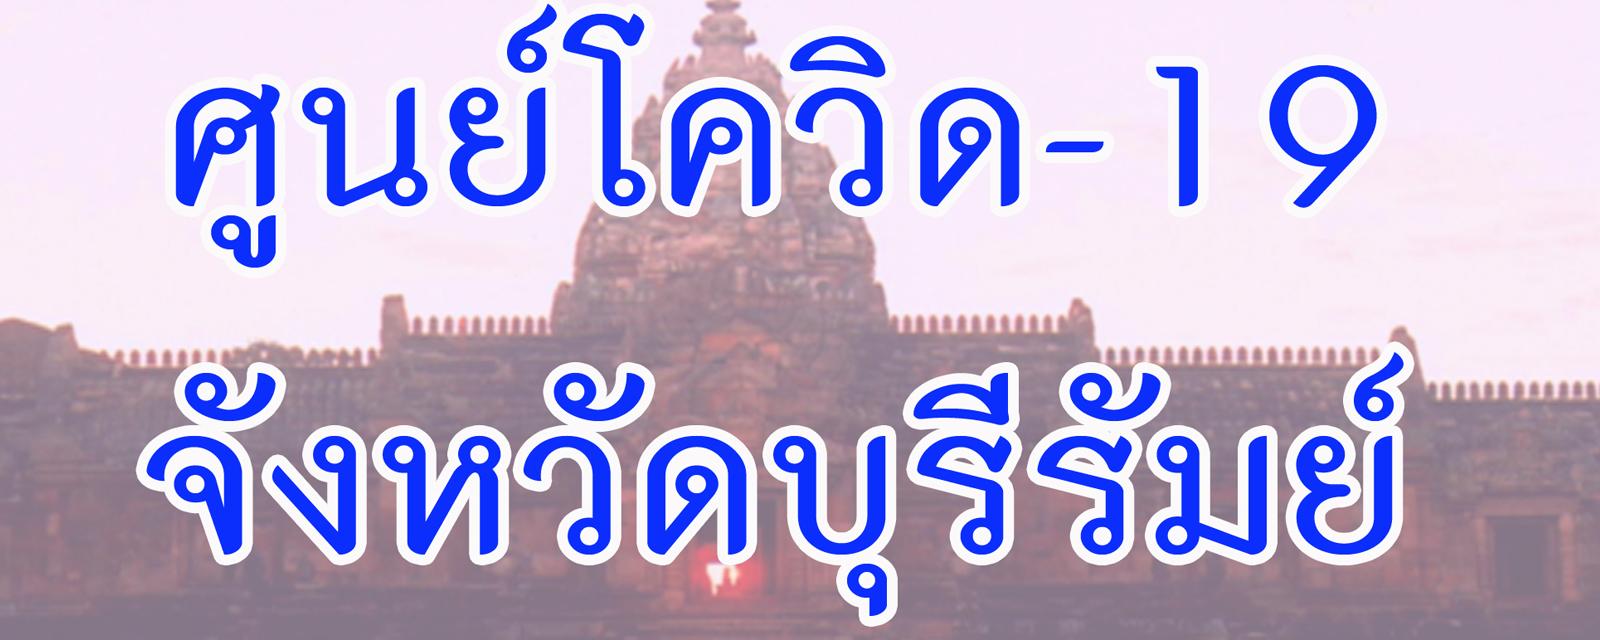 http://www.buriram.go.th/covid-19